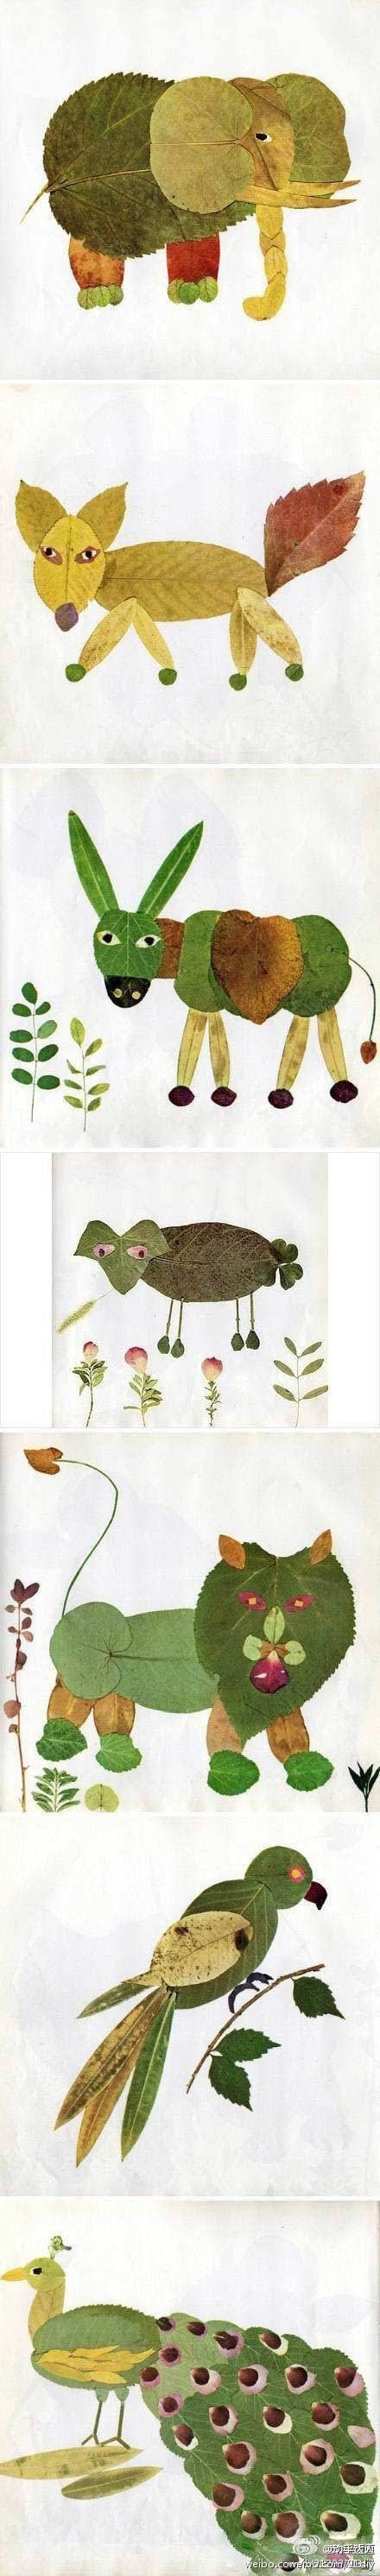 levél állatok